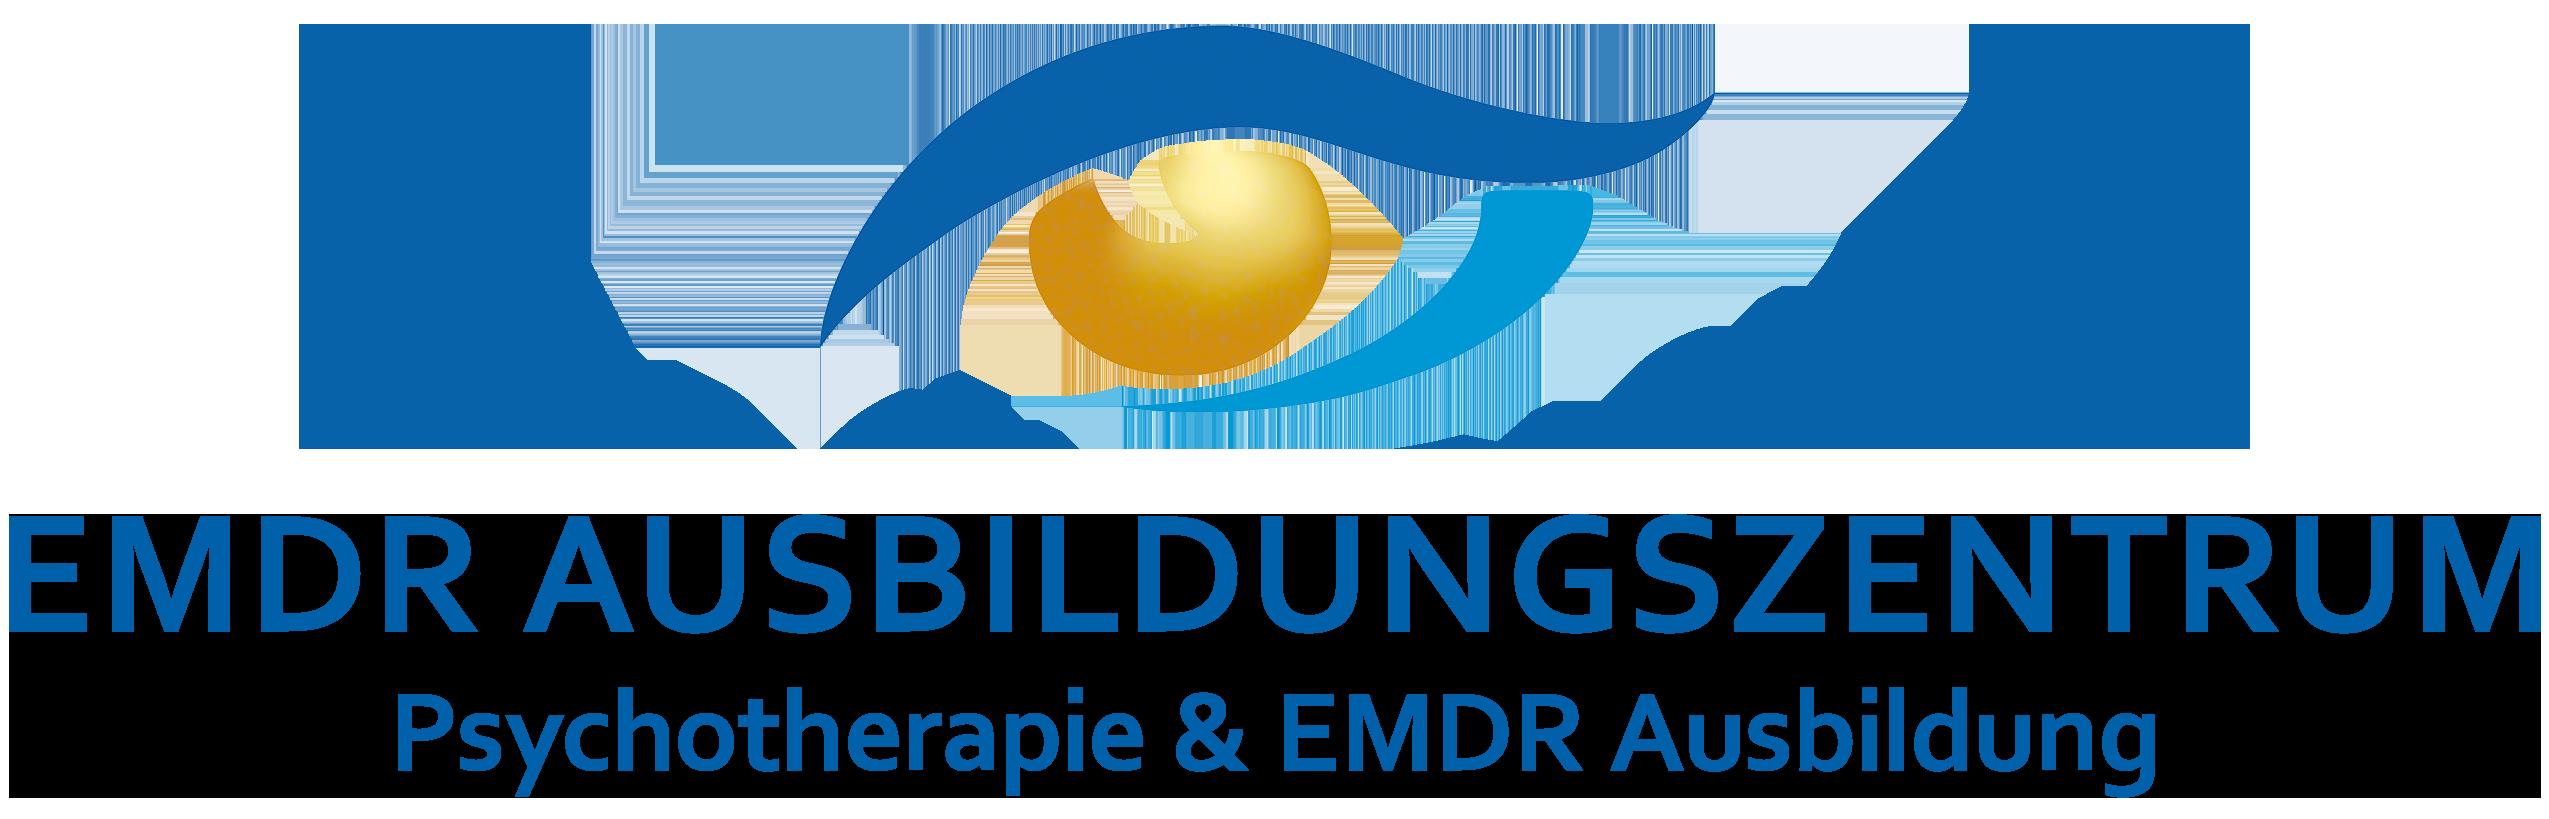 EMDR Ausbildungszentrum